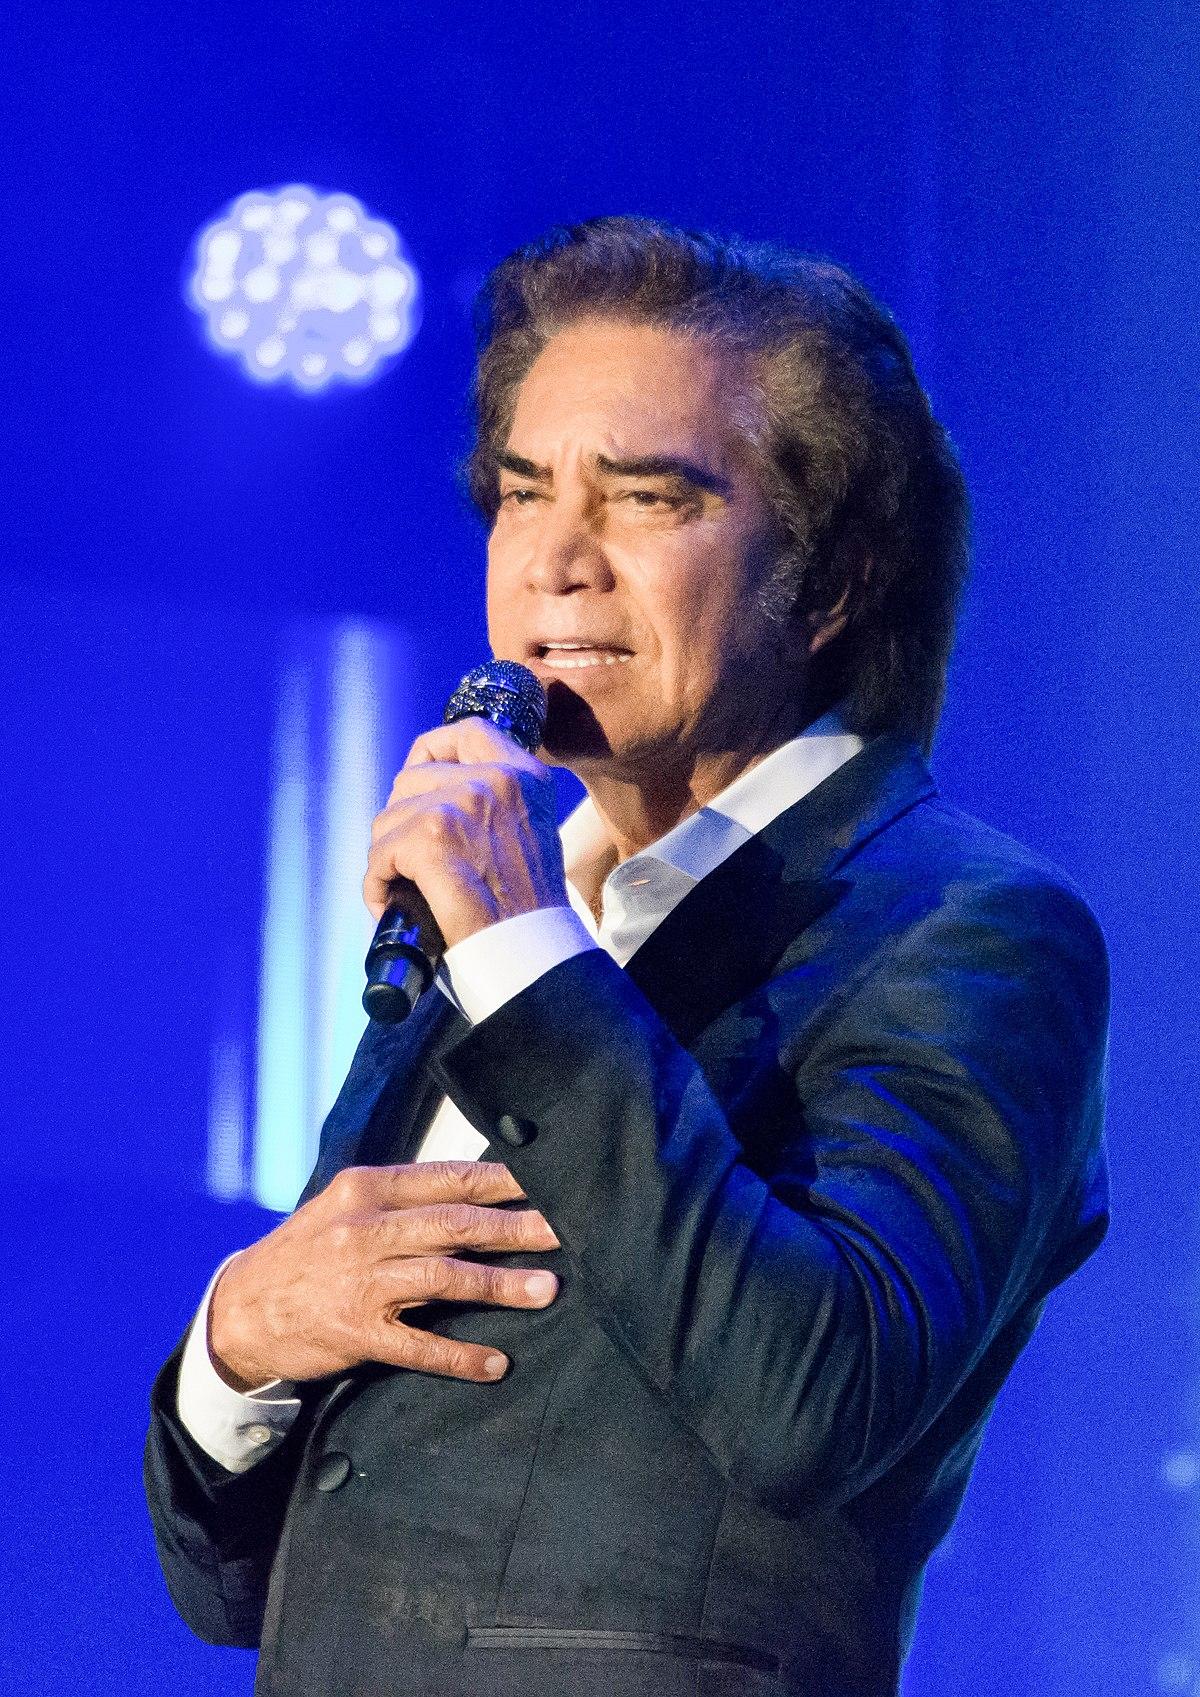 José Luis Rodríguez Cantante Wikipedia La Enciclopedia Libre